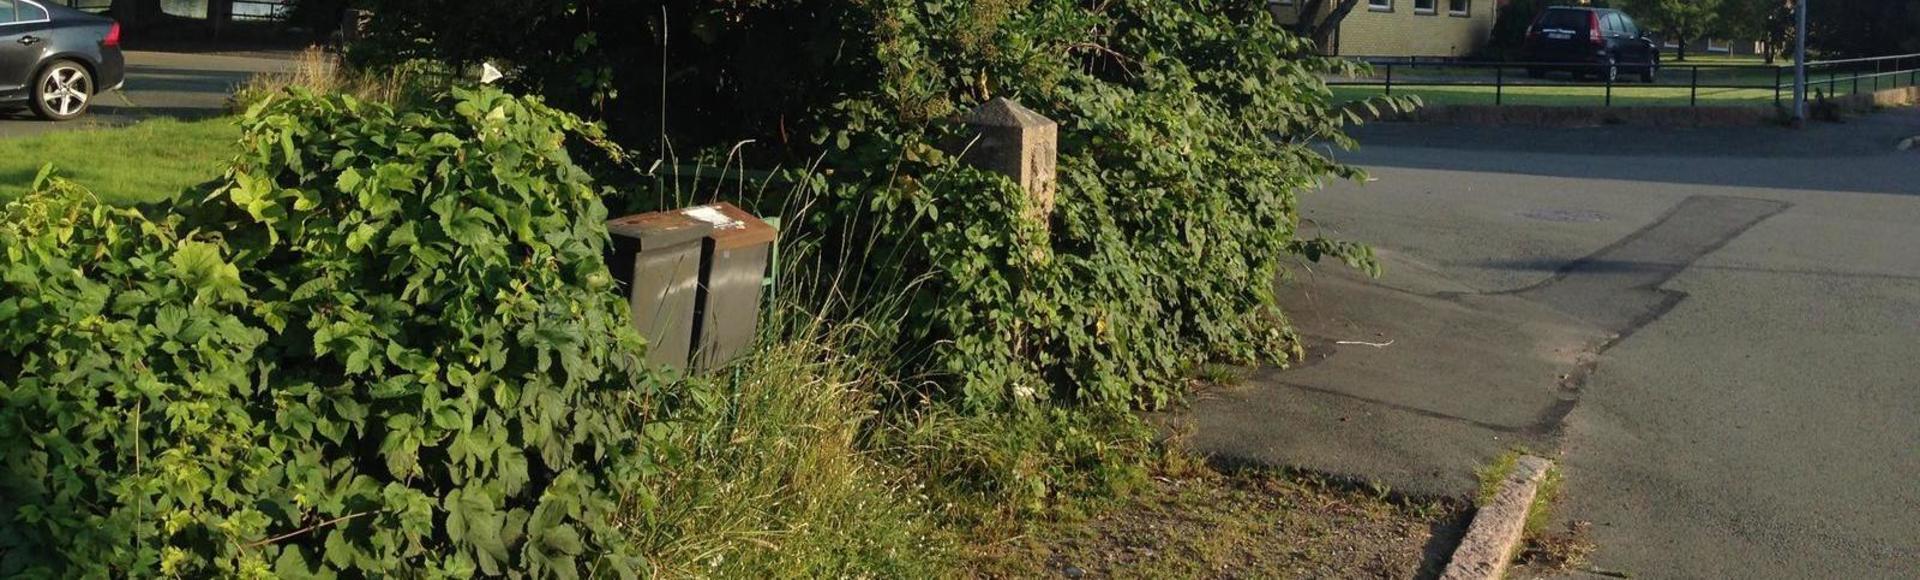 Häck vid staket och trottoar